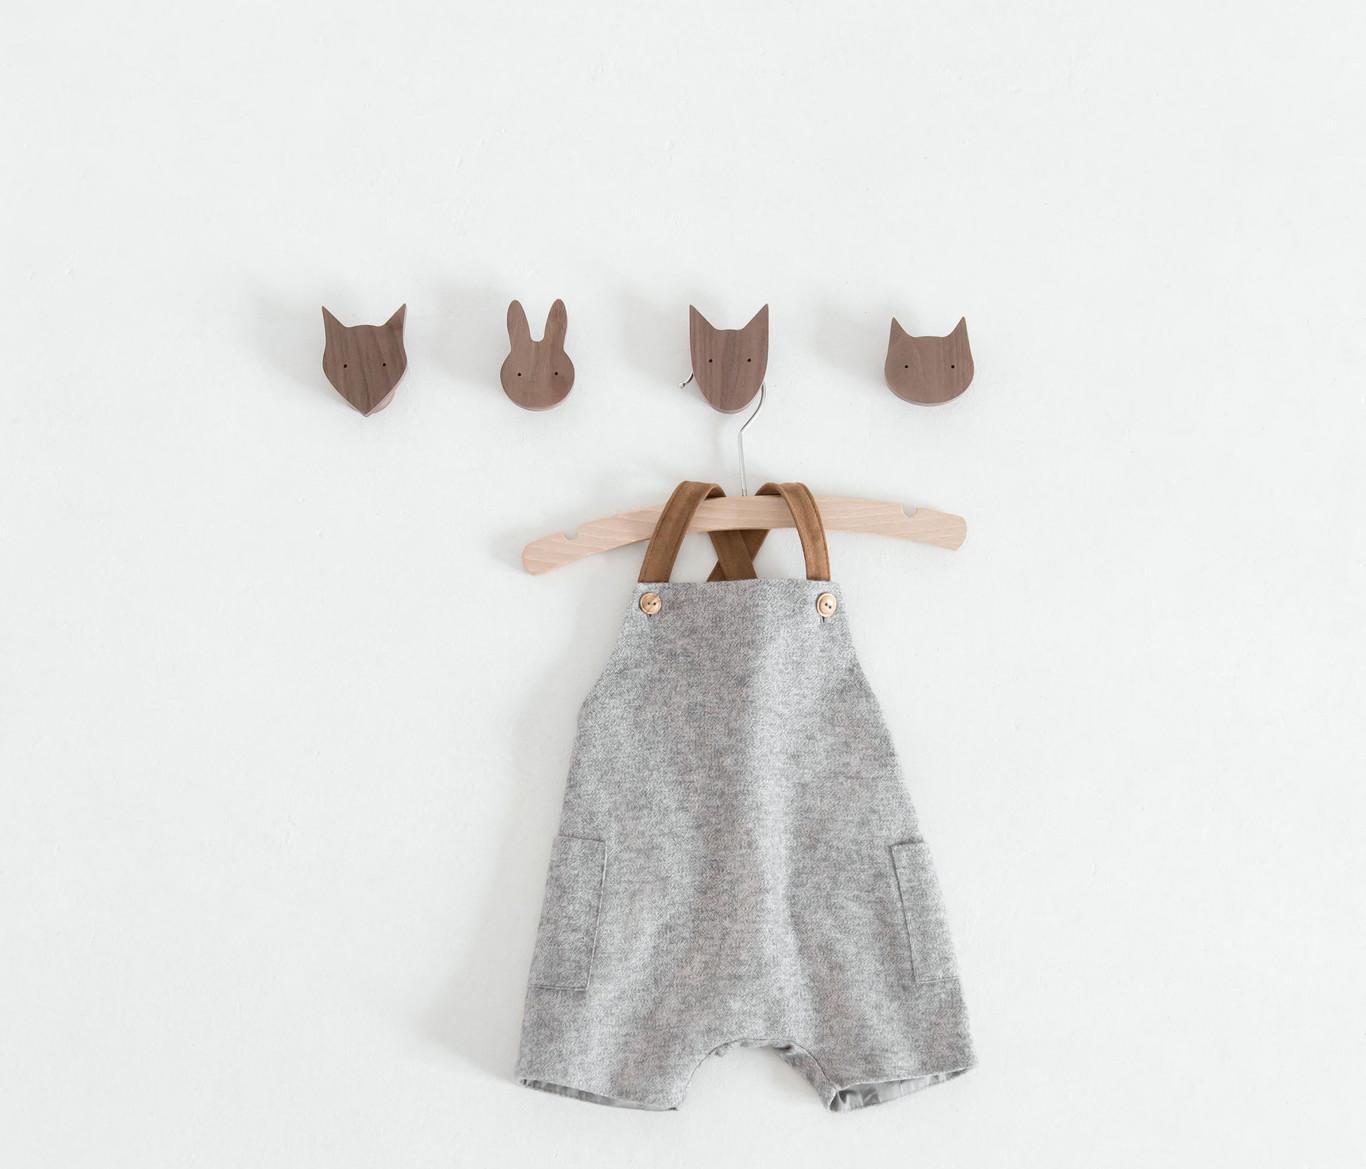 d2b83032b Cómo elegir la talla de la ropa de los niños correctamente